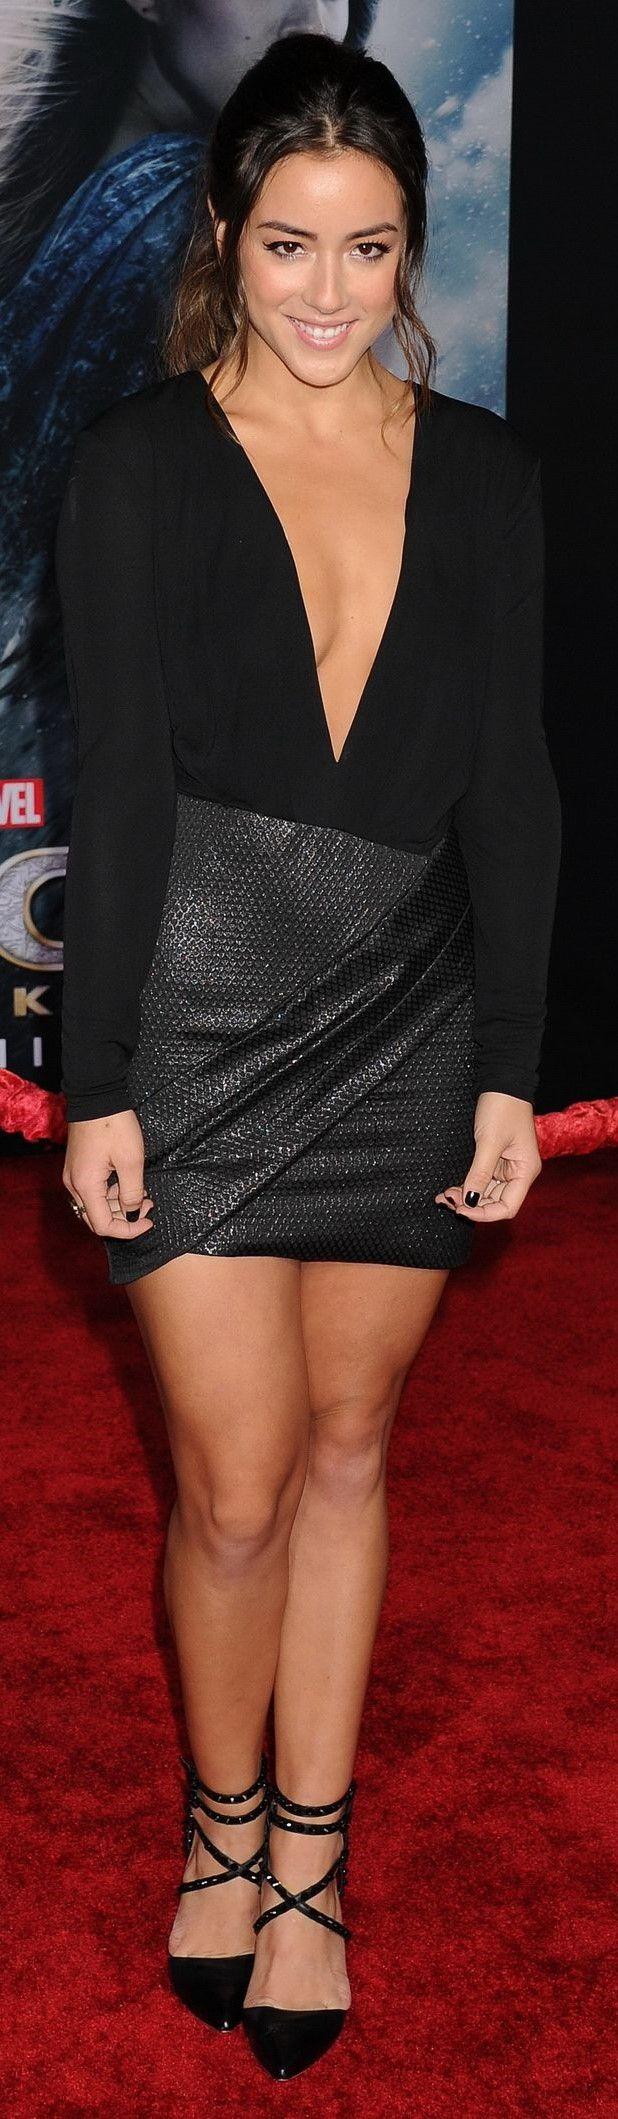 Chloe Bennet !! Chloe Wang, connue sous le nom de scène Chloe Bennet, est une actrice et chanteuse américaine née le 18 avril 1992 à Chicago dans l'Illinois. Wikipédia